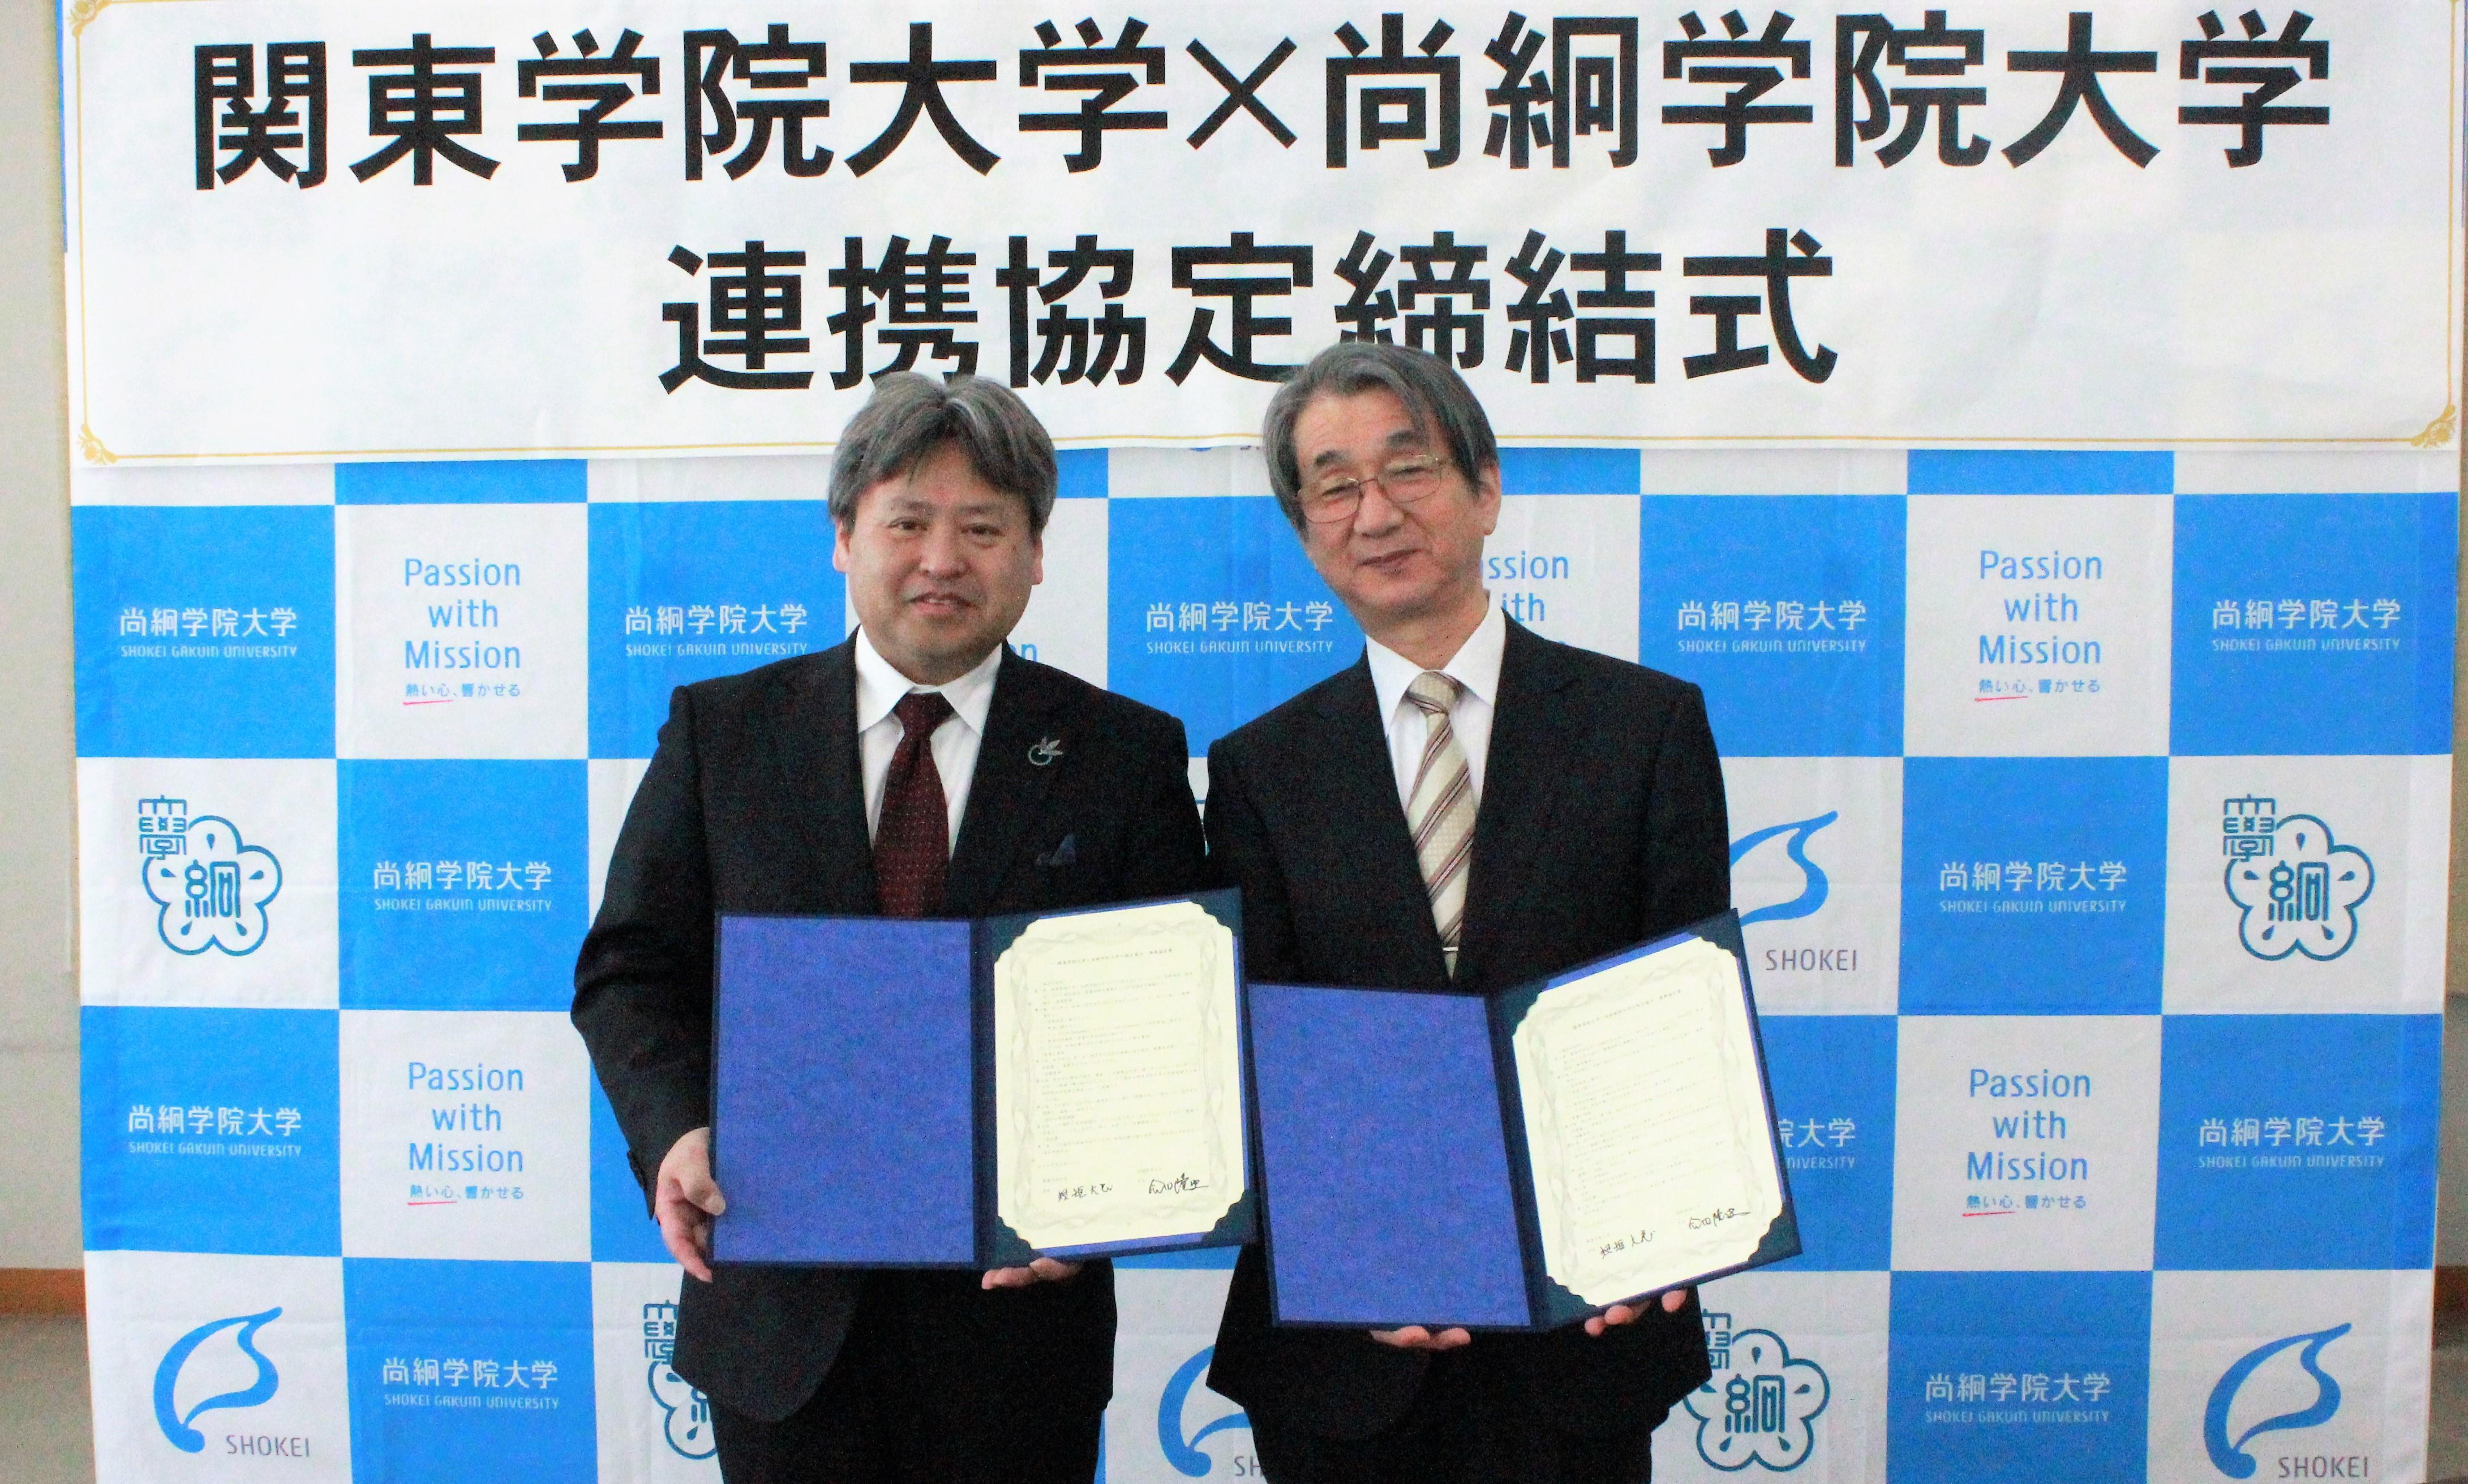 宮城・尚絅学院大学と交流協定を締結 -- 国内留学の相互受け入れを推進 --